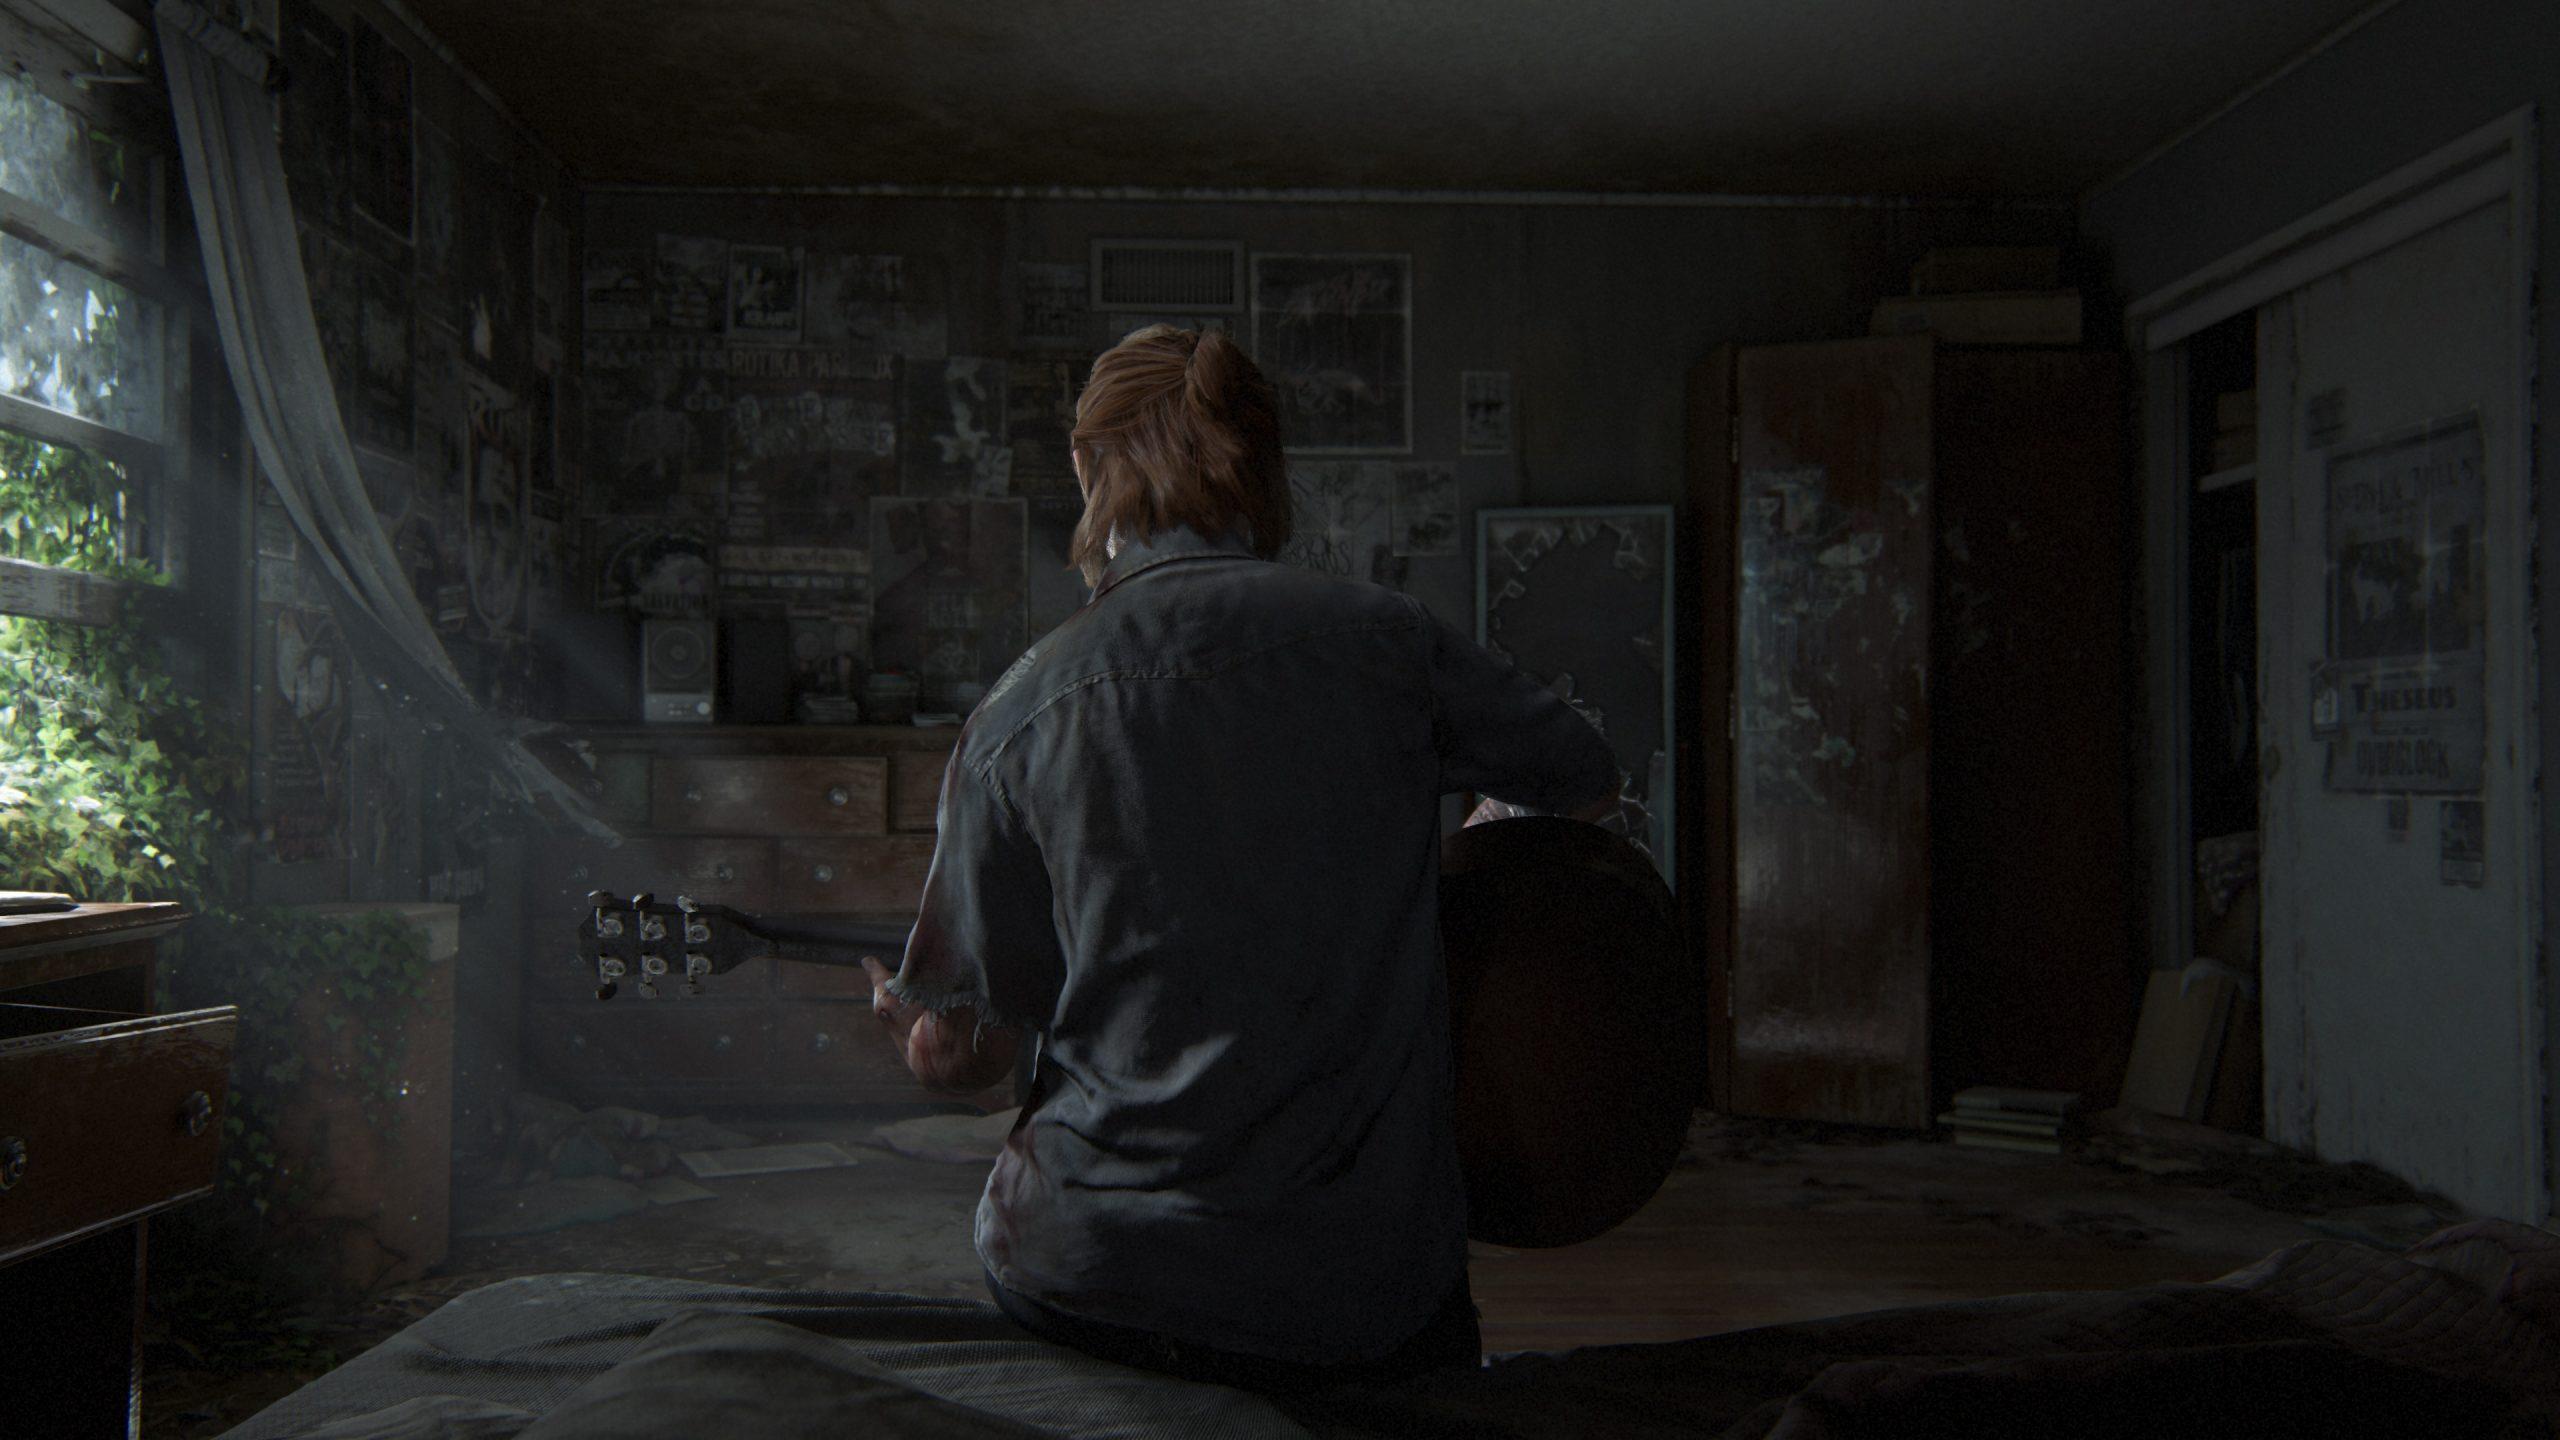 В интернет слили материалы о The Last of Us 2 — остерегайтесь спойлеров! 1